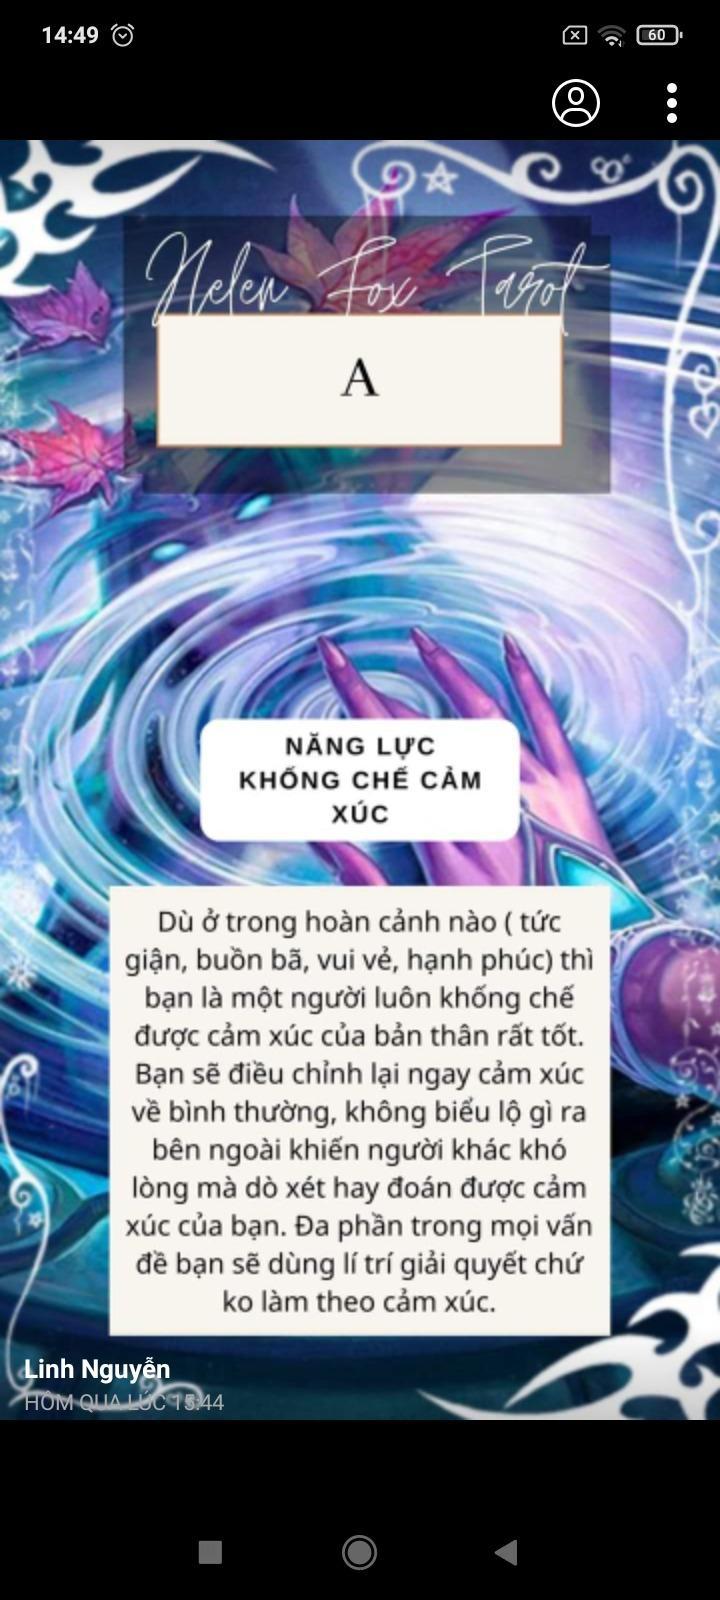 Screenshot_2021-04-23-14-49-26-981_com.facebook.katana